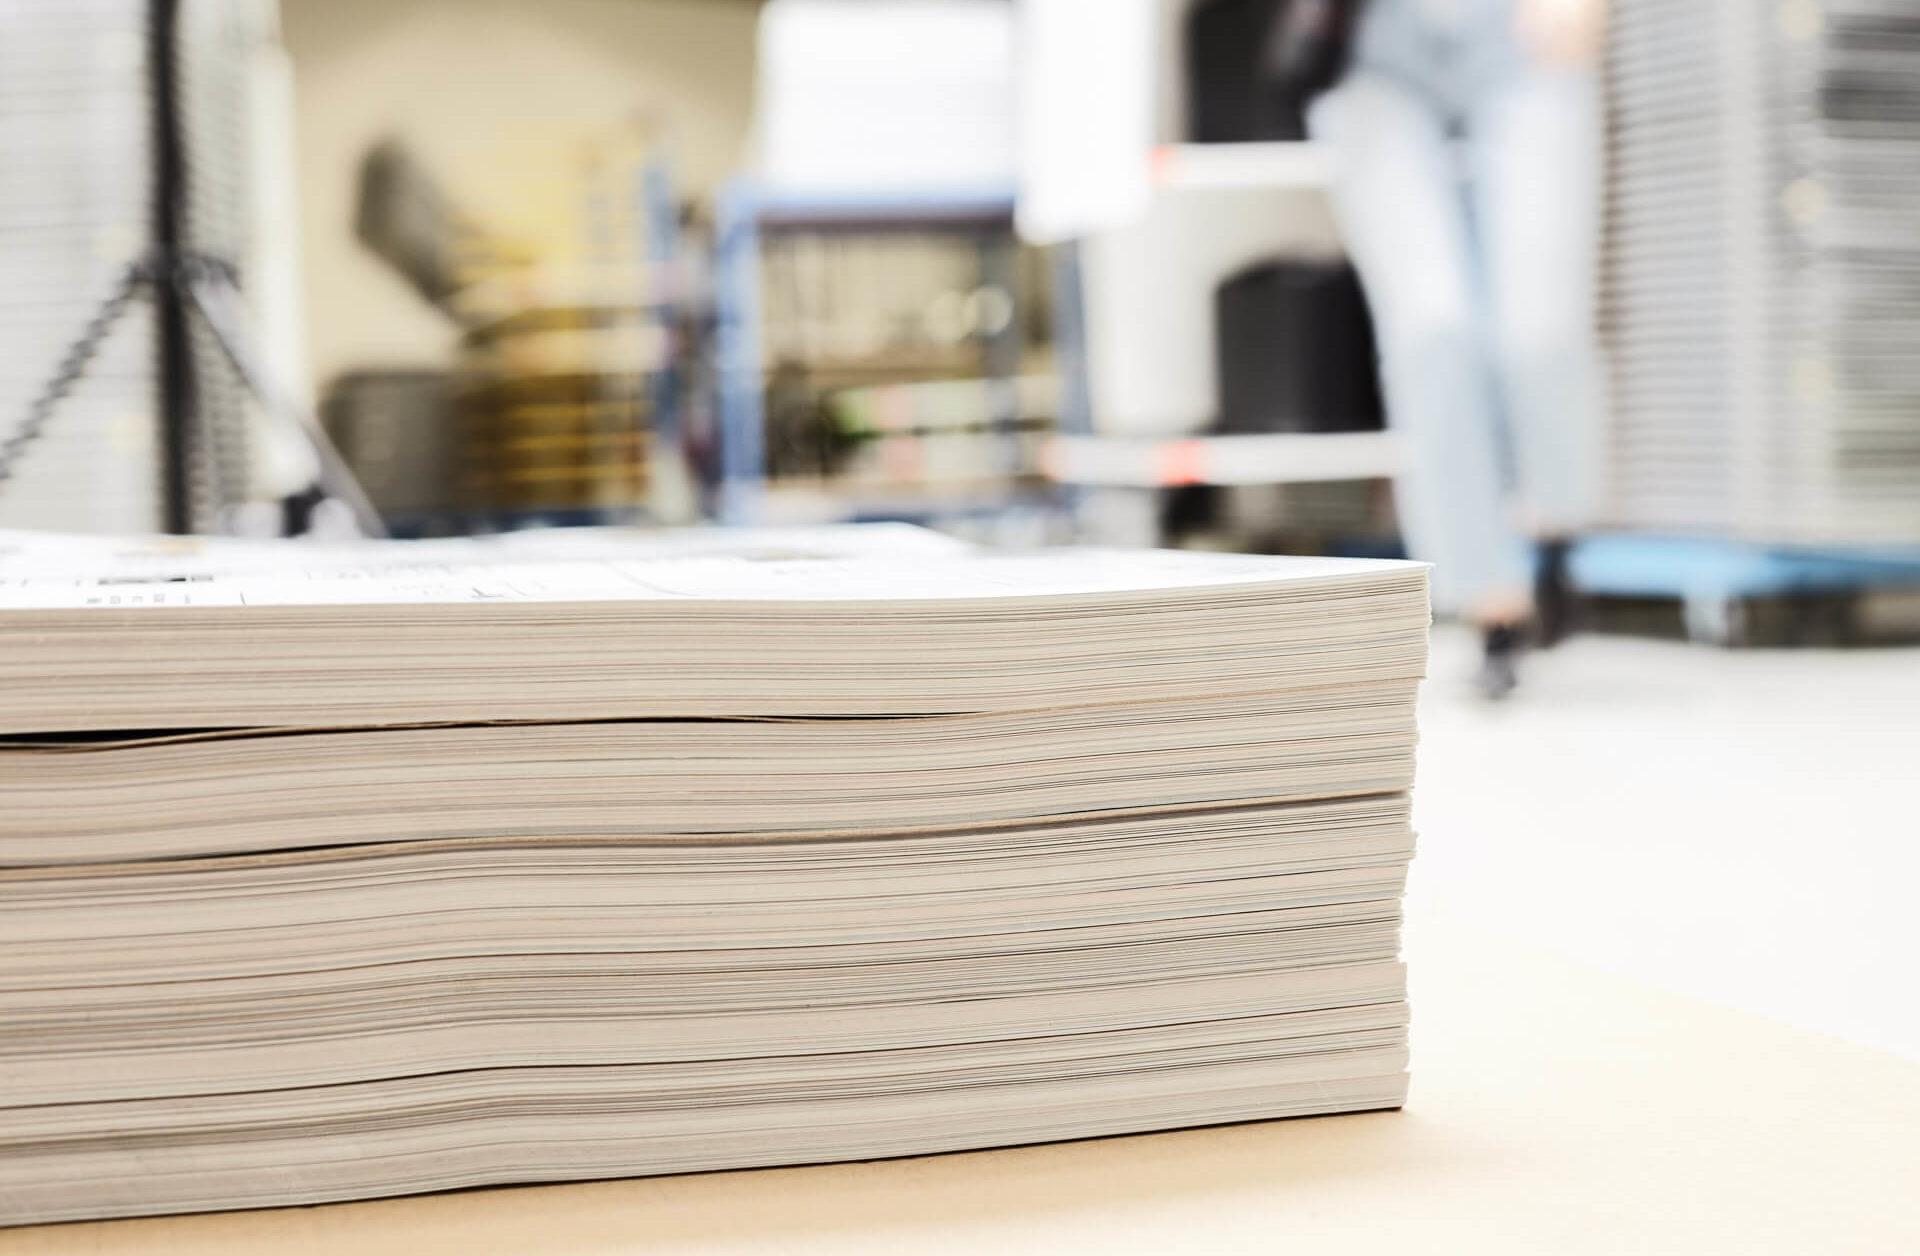 Industrielle Aufkleber im Sieb- und Digitaldruck